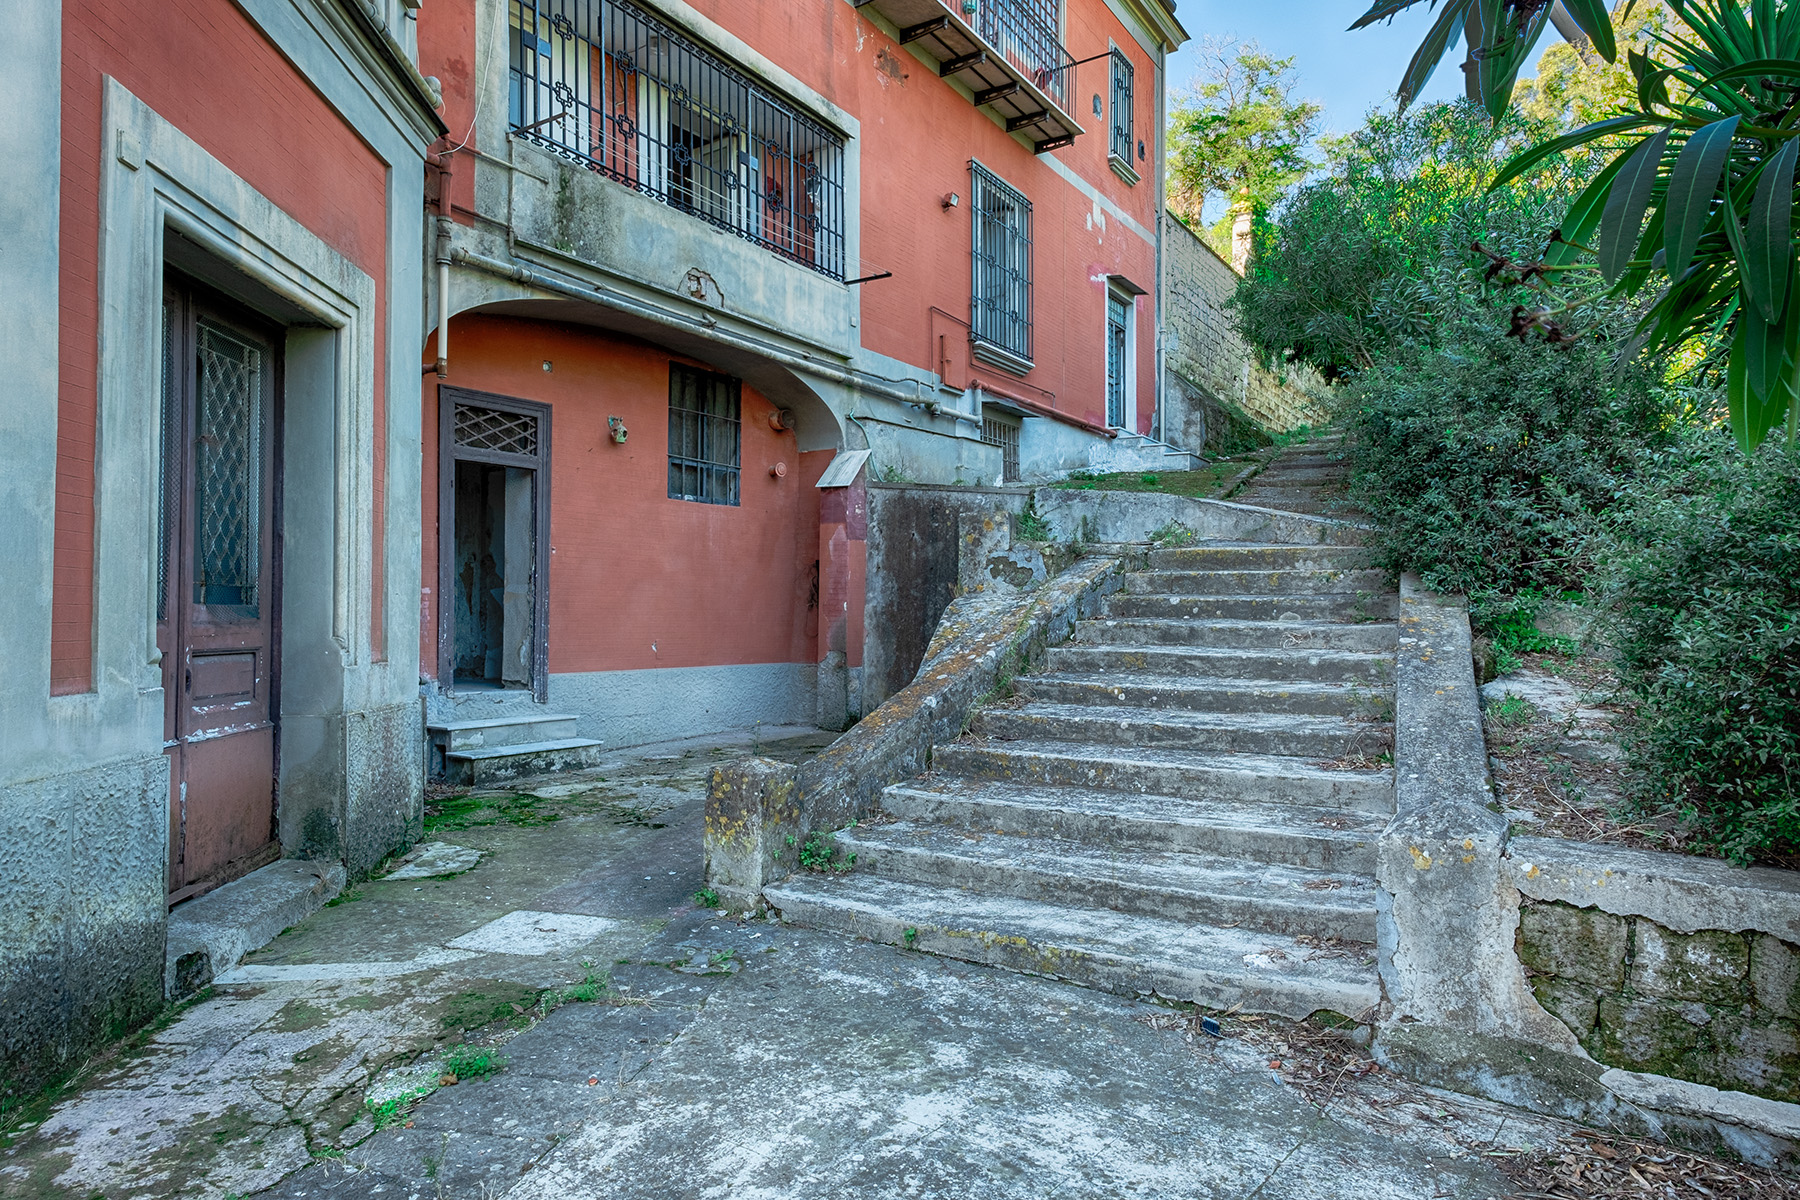 Casa indipendente in Vendita a Napoli: 5 locali, 300 mq - Foto 19